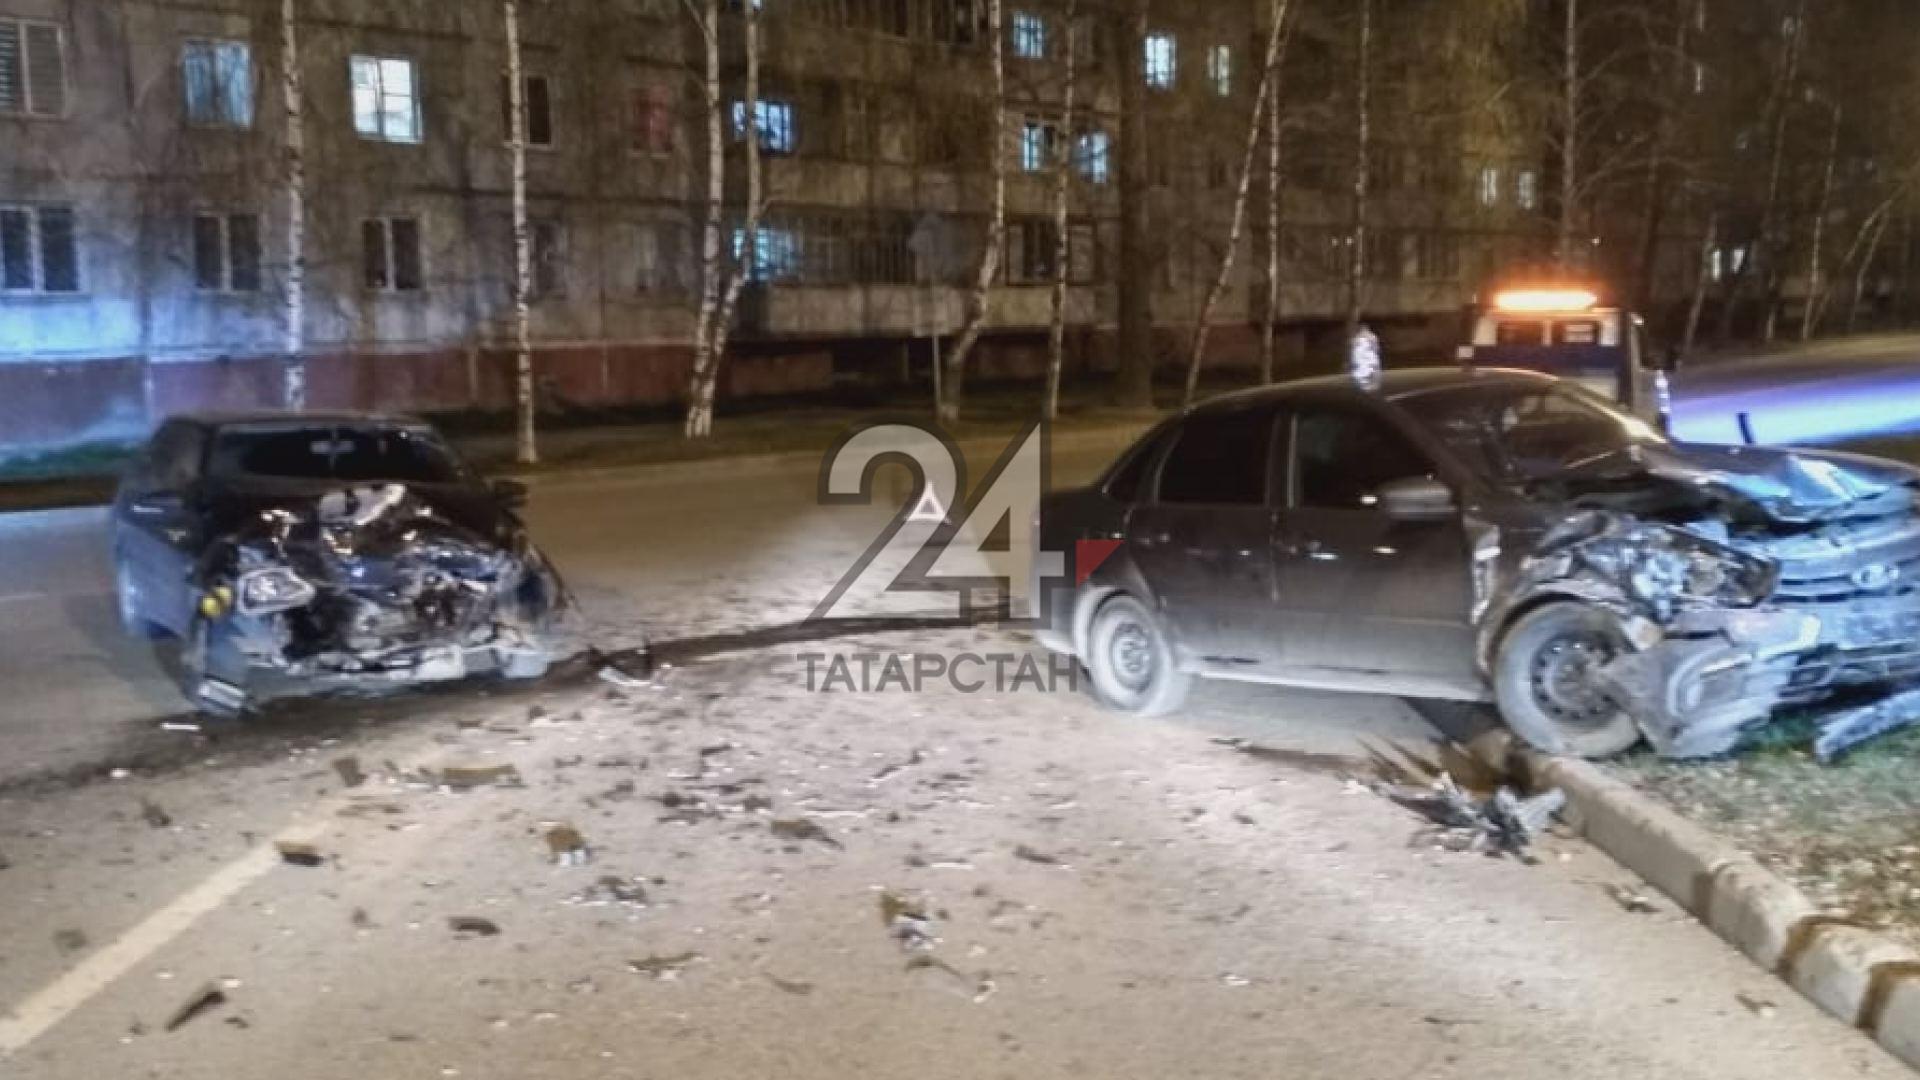 Девушку госпитализировали с травмами после серьезной аварии в Казани